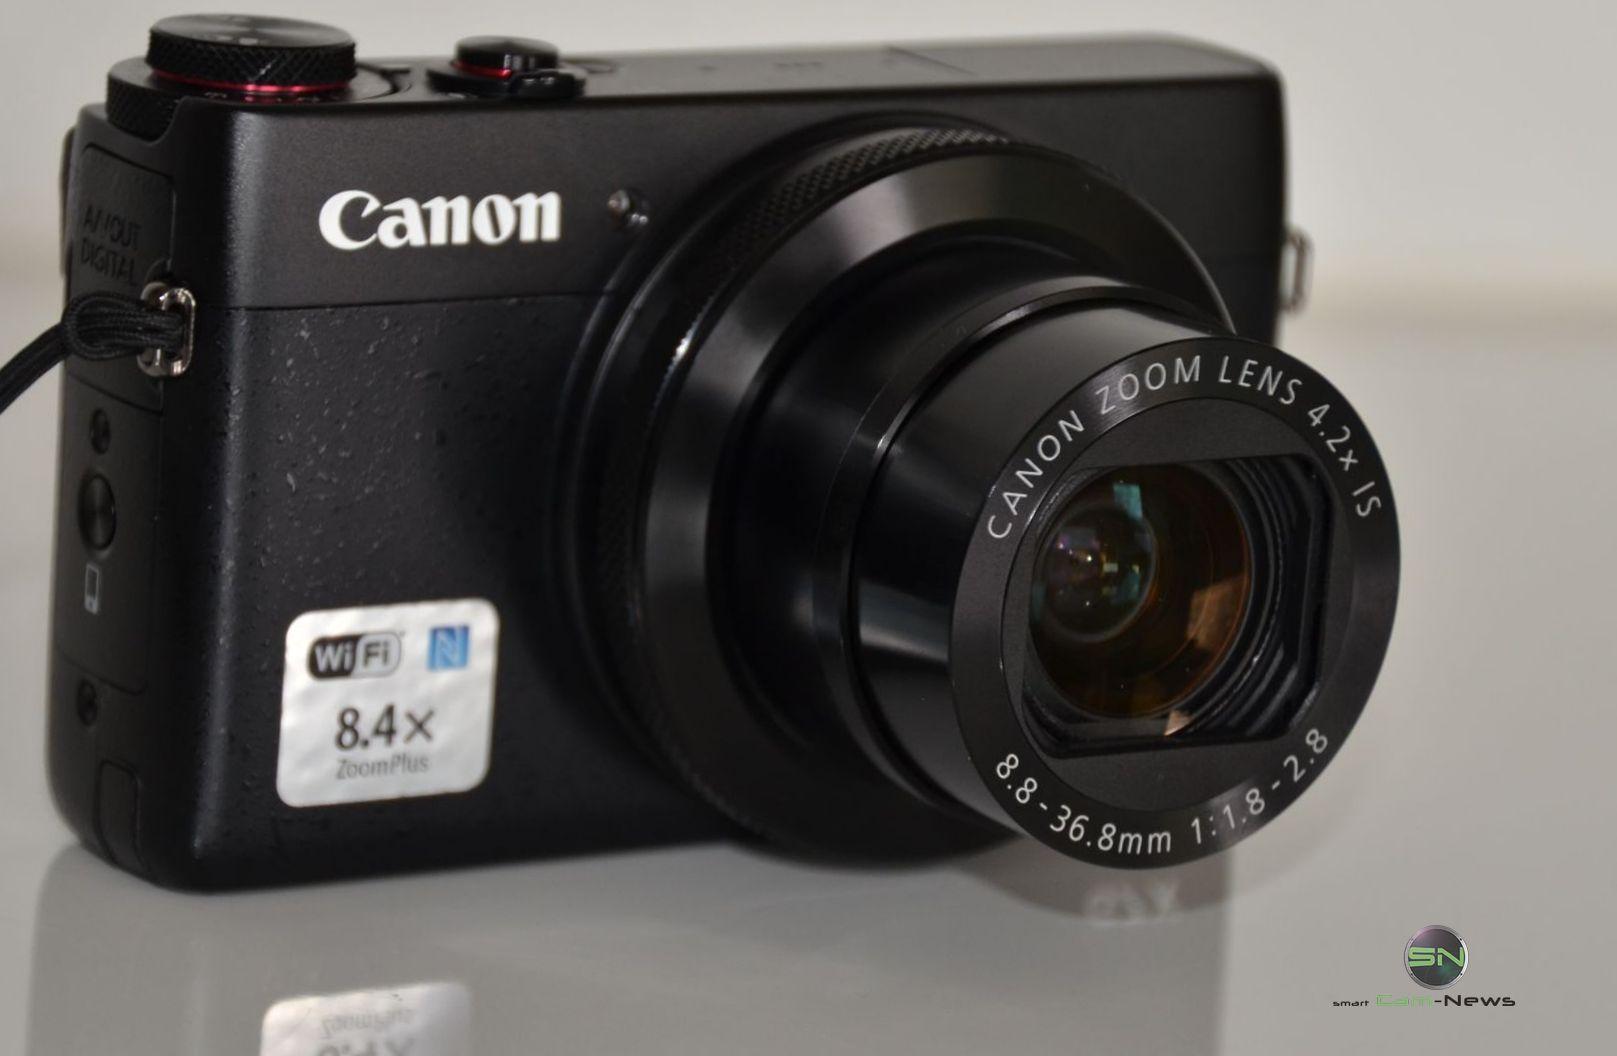 objektiv sterne fotografieren canon